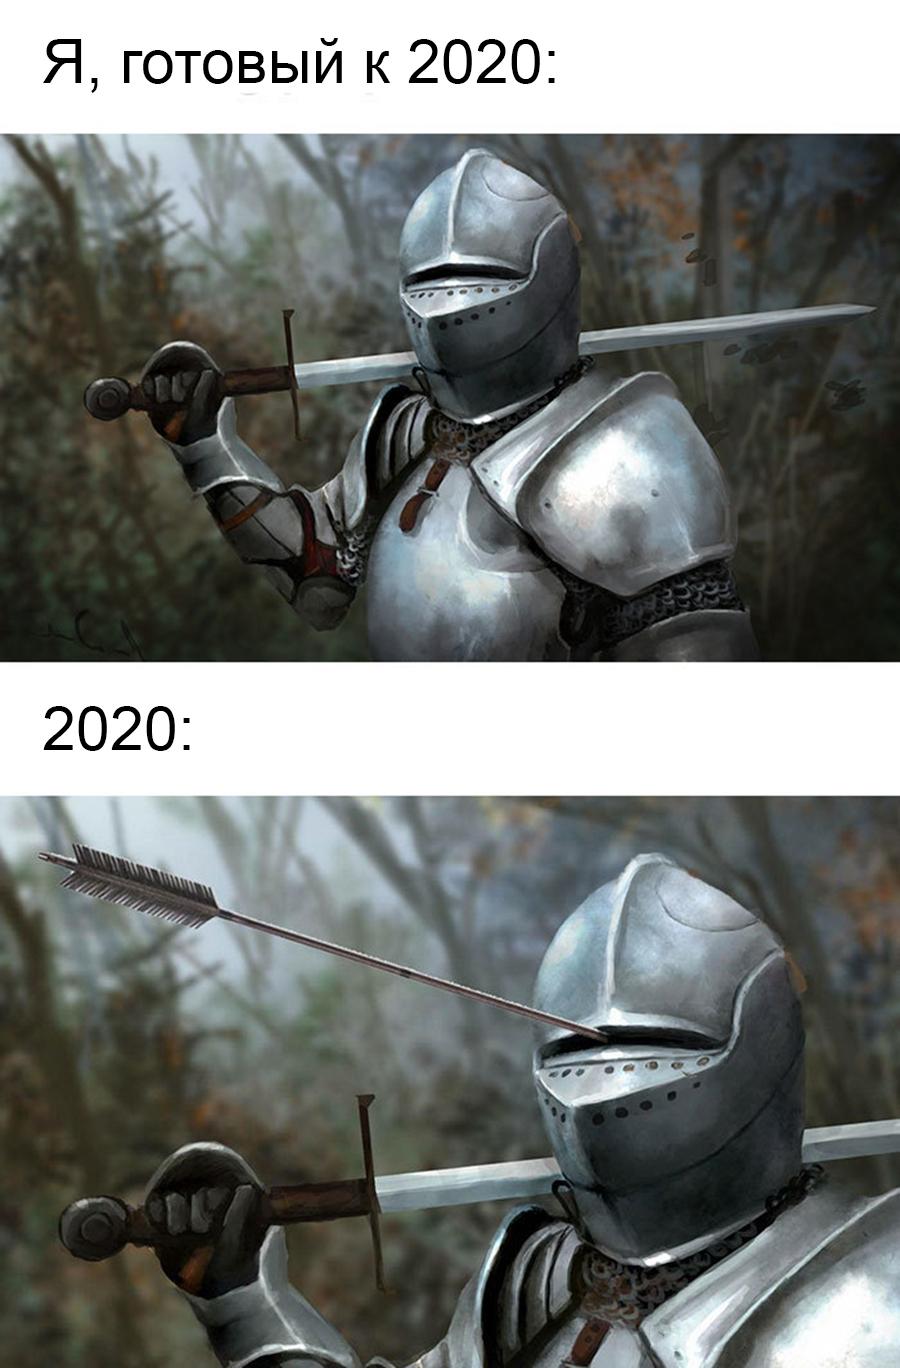 Лучшие мемы уходящего 2020 года - а напоследок улыбнитесь - фото 2